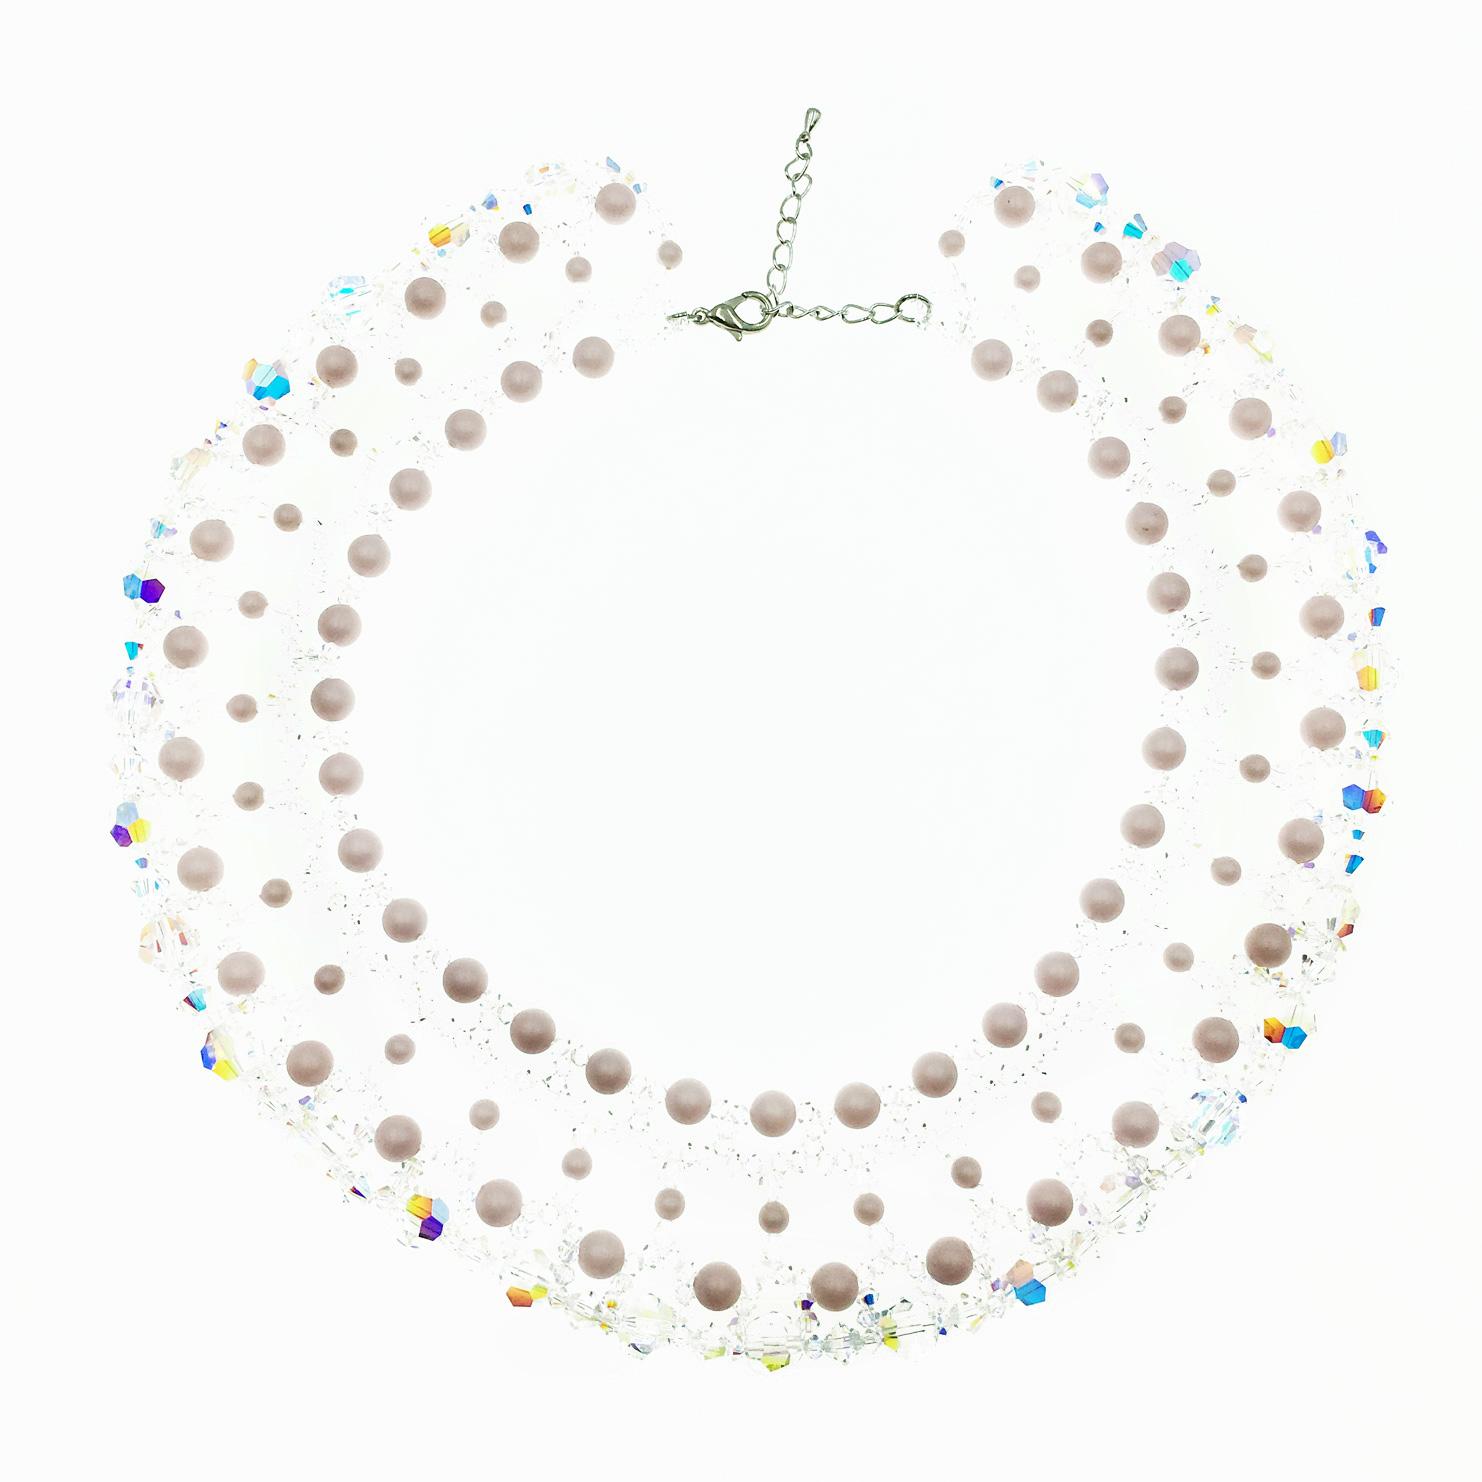 透明 水晶 小珠珠 粉色 項鍊 採用施華洛世奇水晶元素 Crystals from Swarovski